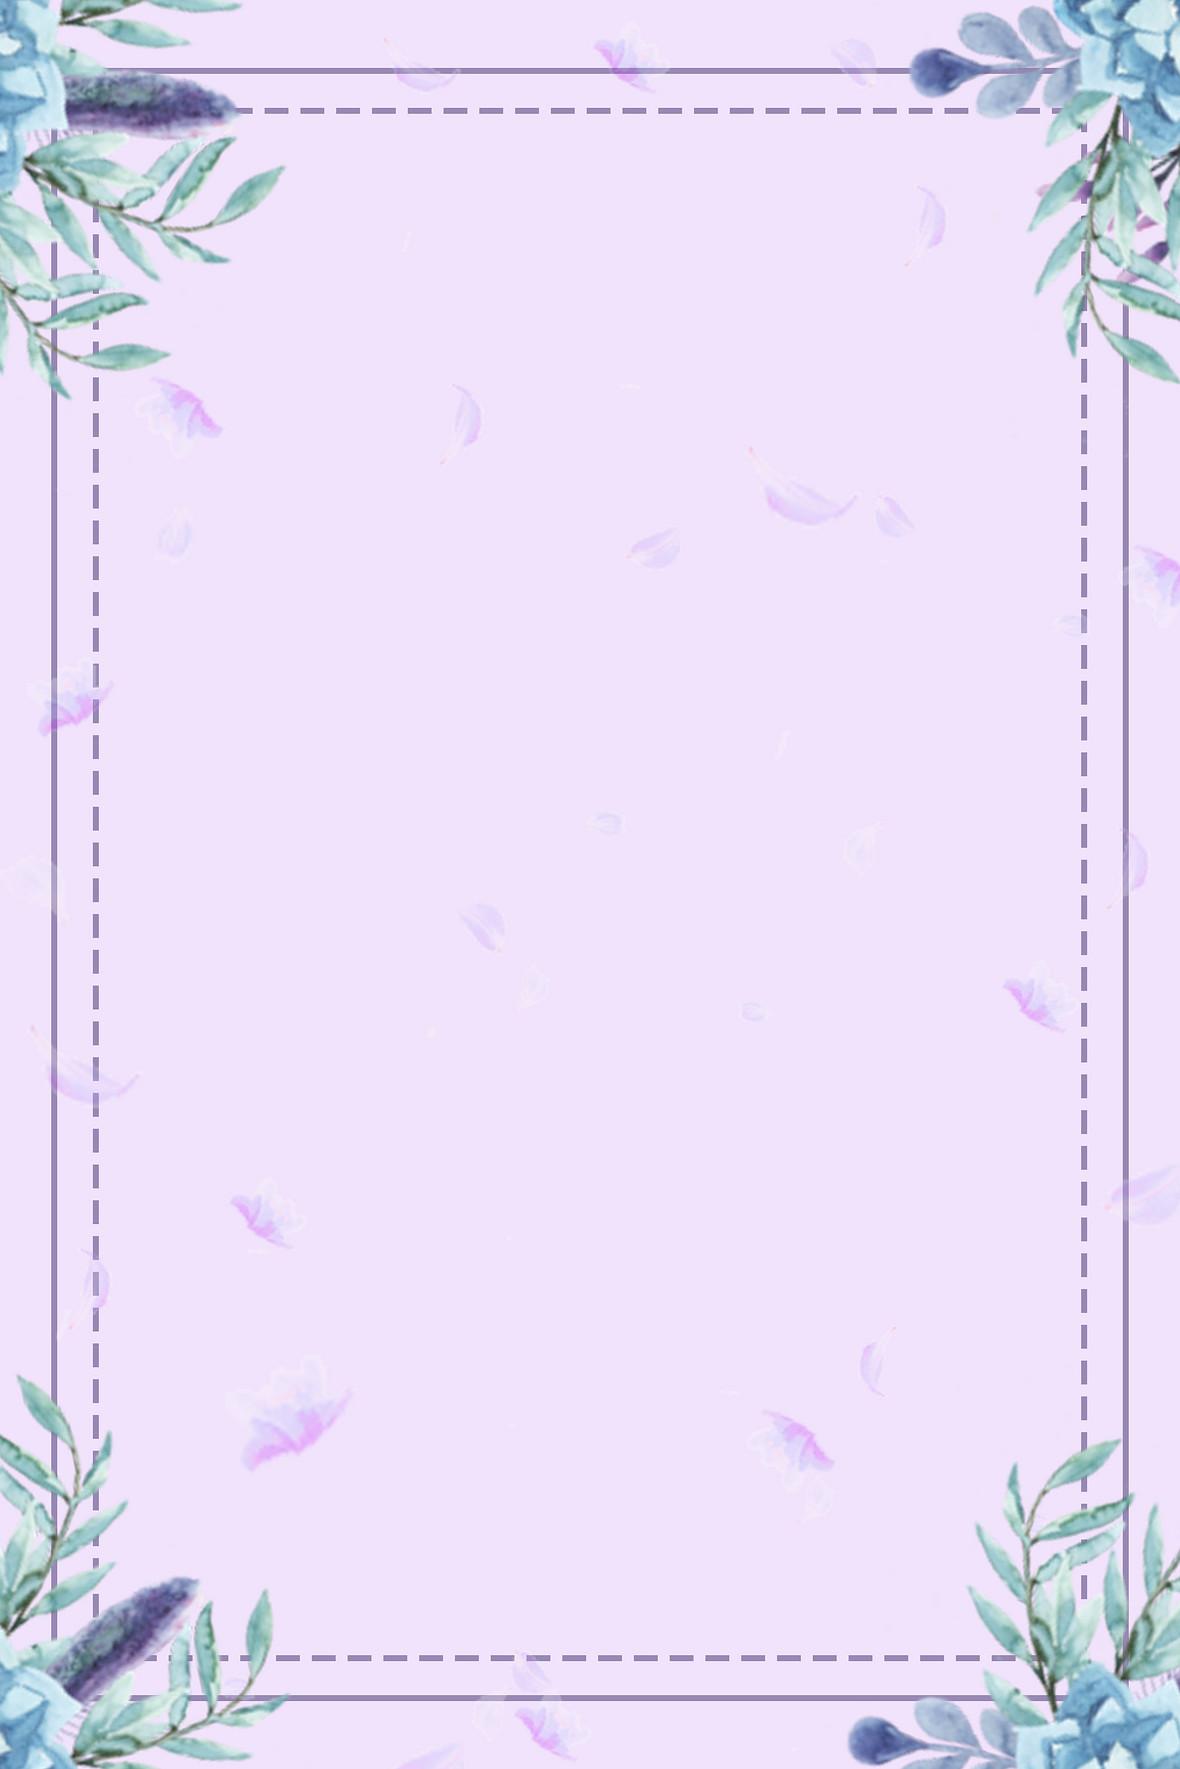 夏天紫色花束清新海报背景